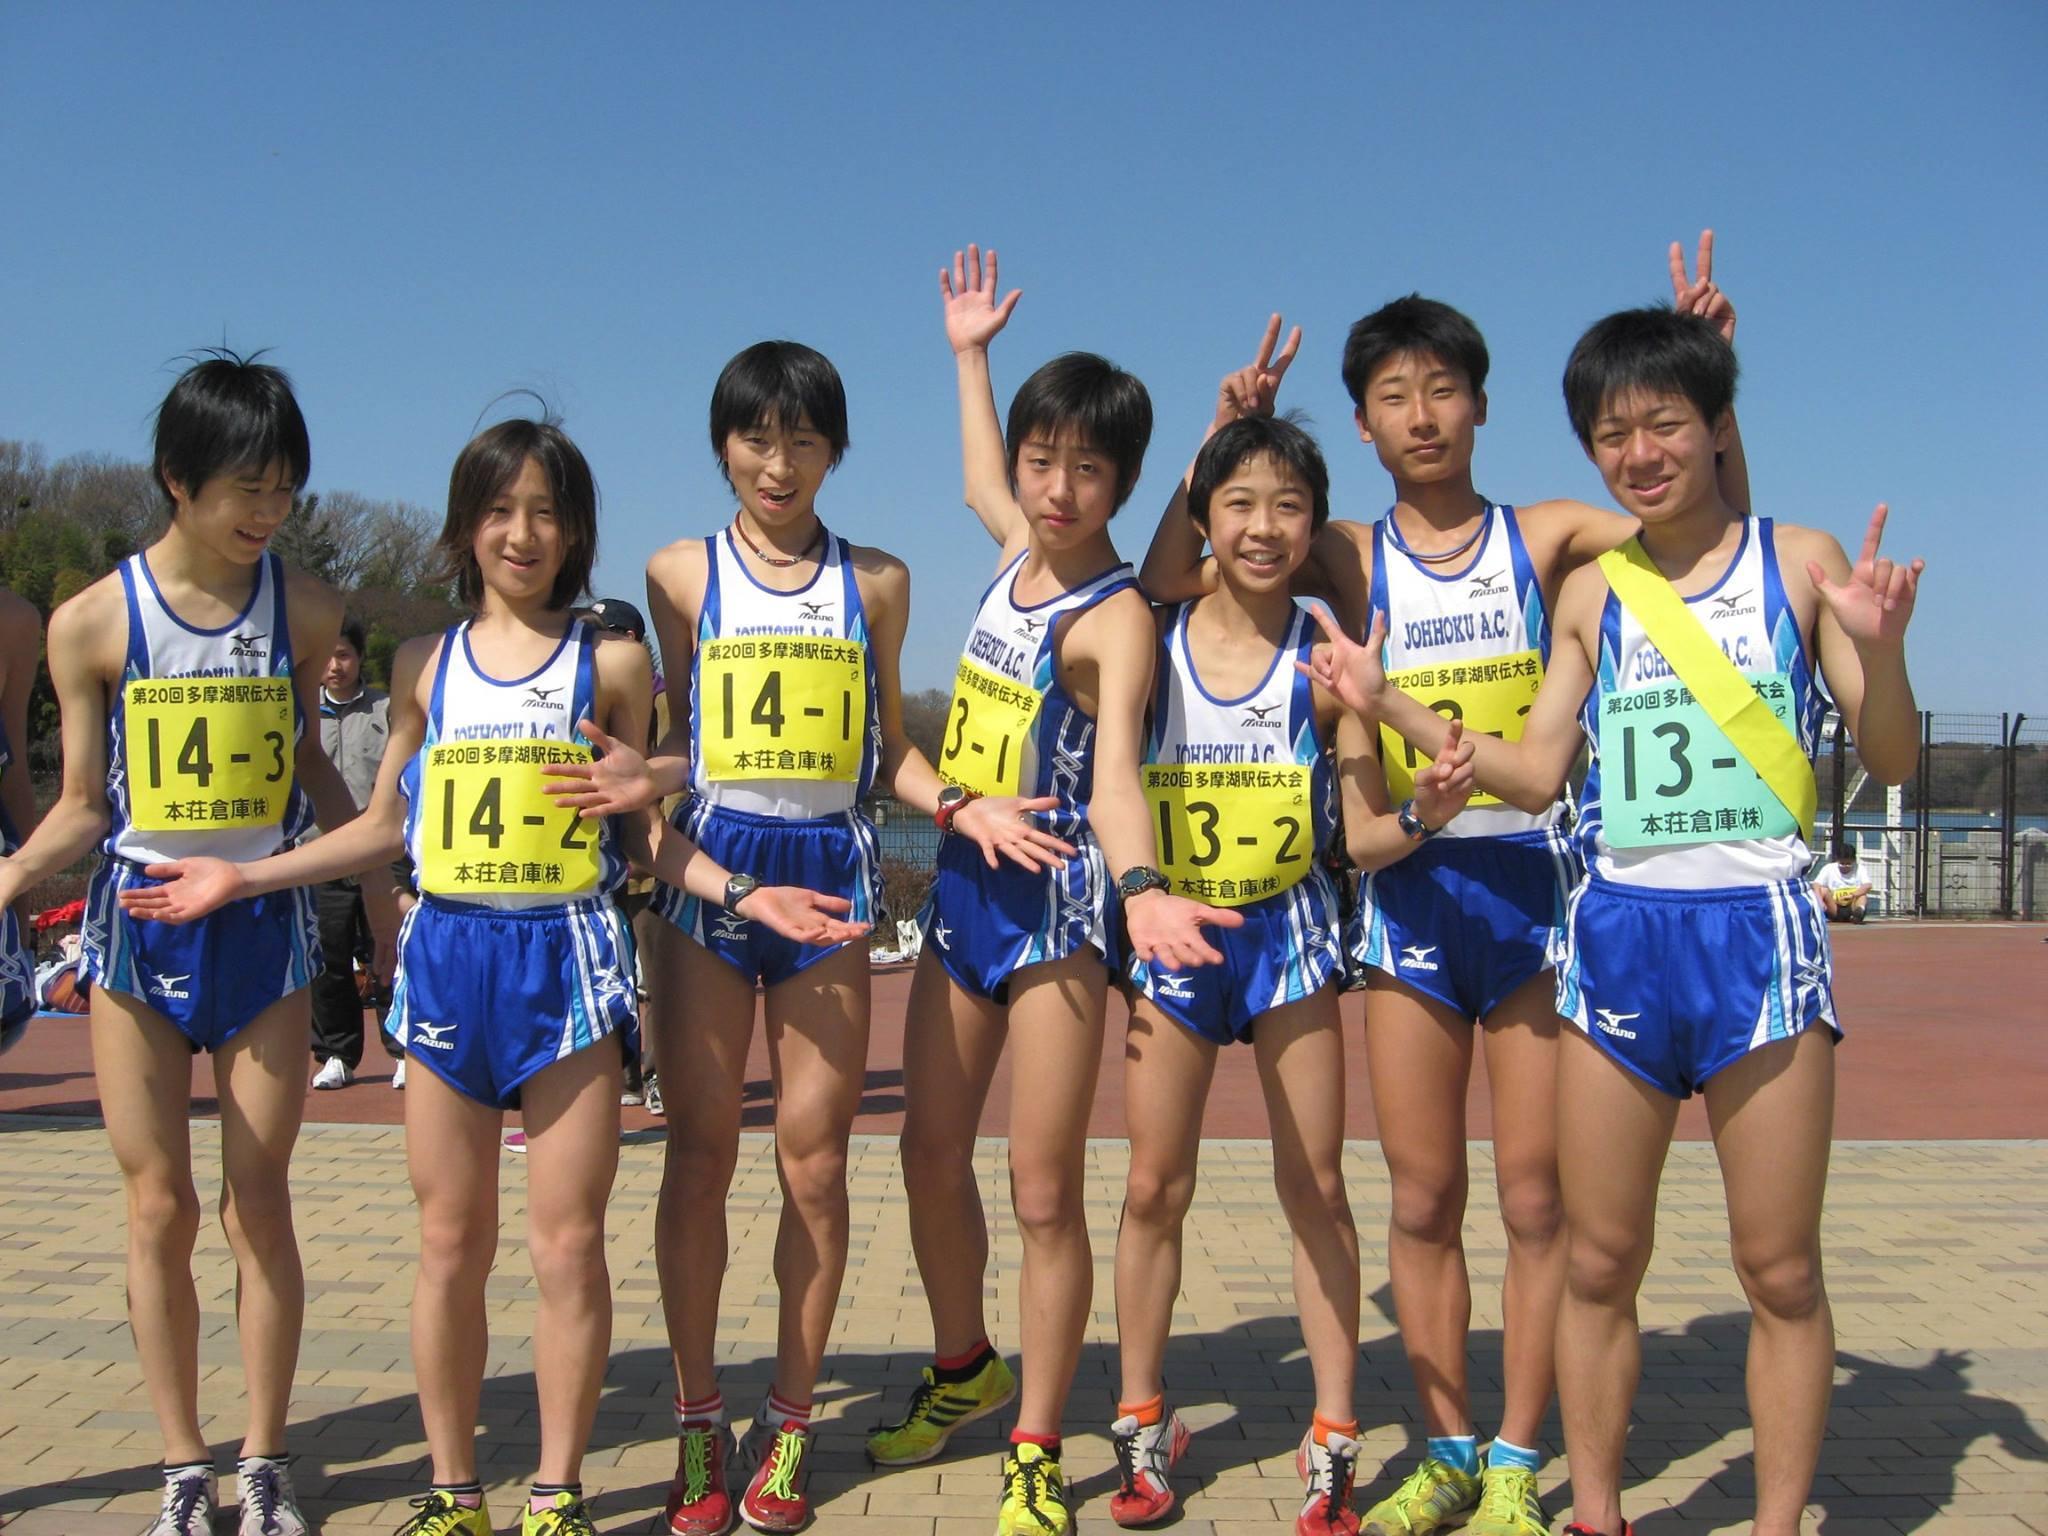 東京都の陸上東京城北陸上競技クラブで礼儀を学ぶ